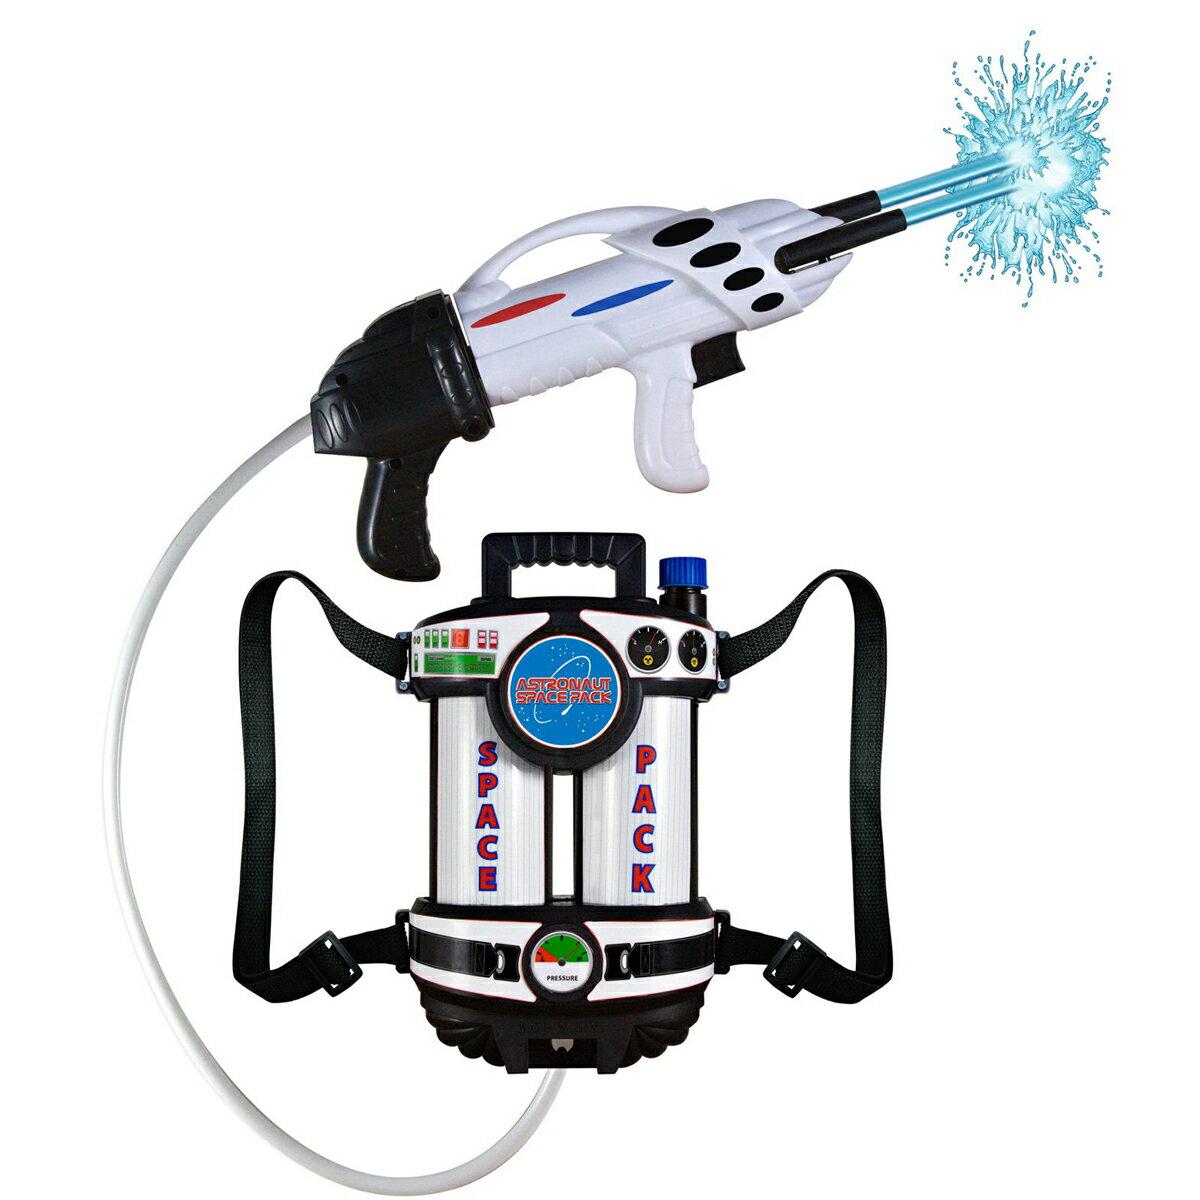 水鉄砲 よく飛ぶ 飛距離 9m 強い 強力 宇宙飛行士 グッズ 背負える水鉄砲 子供 おもちゃ プール 海 夏 あす楽